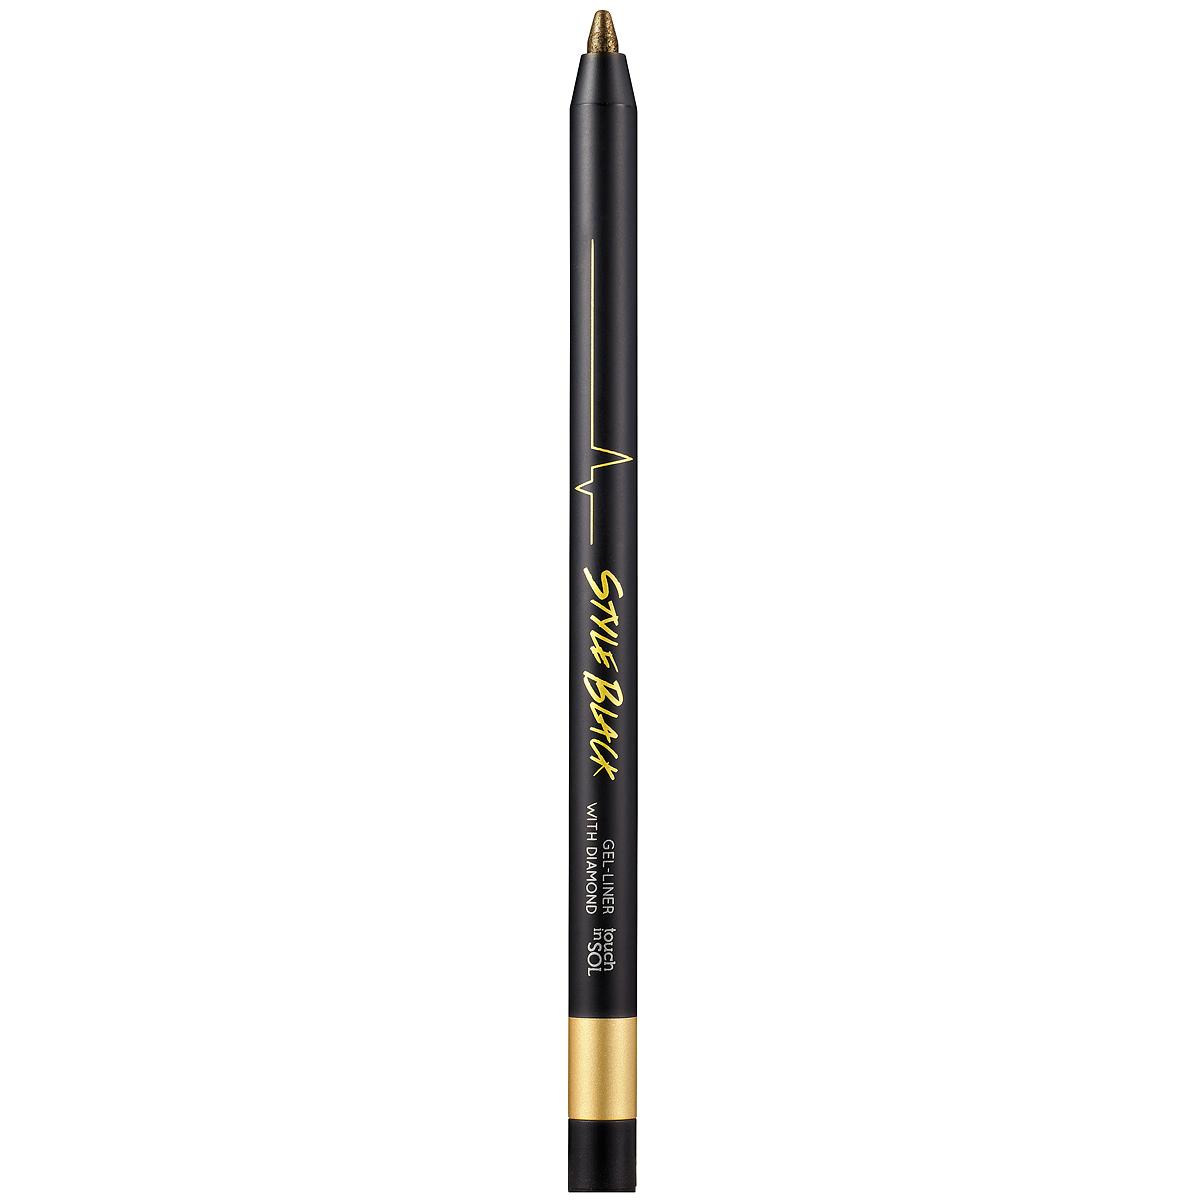 Touch in Sol Гелевый карандаш для глаз Style Black, оттенок №3 Gold, 0,5 гУТ000000762Ультрастойкий гелевый карандаш сохраняет макияж безупречным в течение всего дня. Молочный протеин и успокаивающий цветочный экстракт заботливо ухаживают за кожей, хорошо подходит для особо чувствительных глазах. Кремовый контурный карандаш поможет вам придать взгляду очаровательную выразительность. Благодаря его текстуре вы сможете контролировать яркость и толщину линии, растушевав карандаш создать загадочный образ Смоки Айз. Товар сертифицирован.